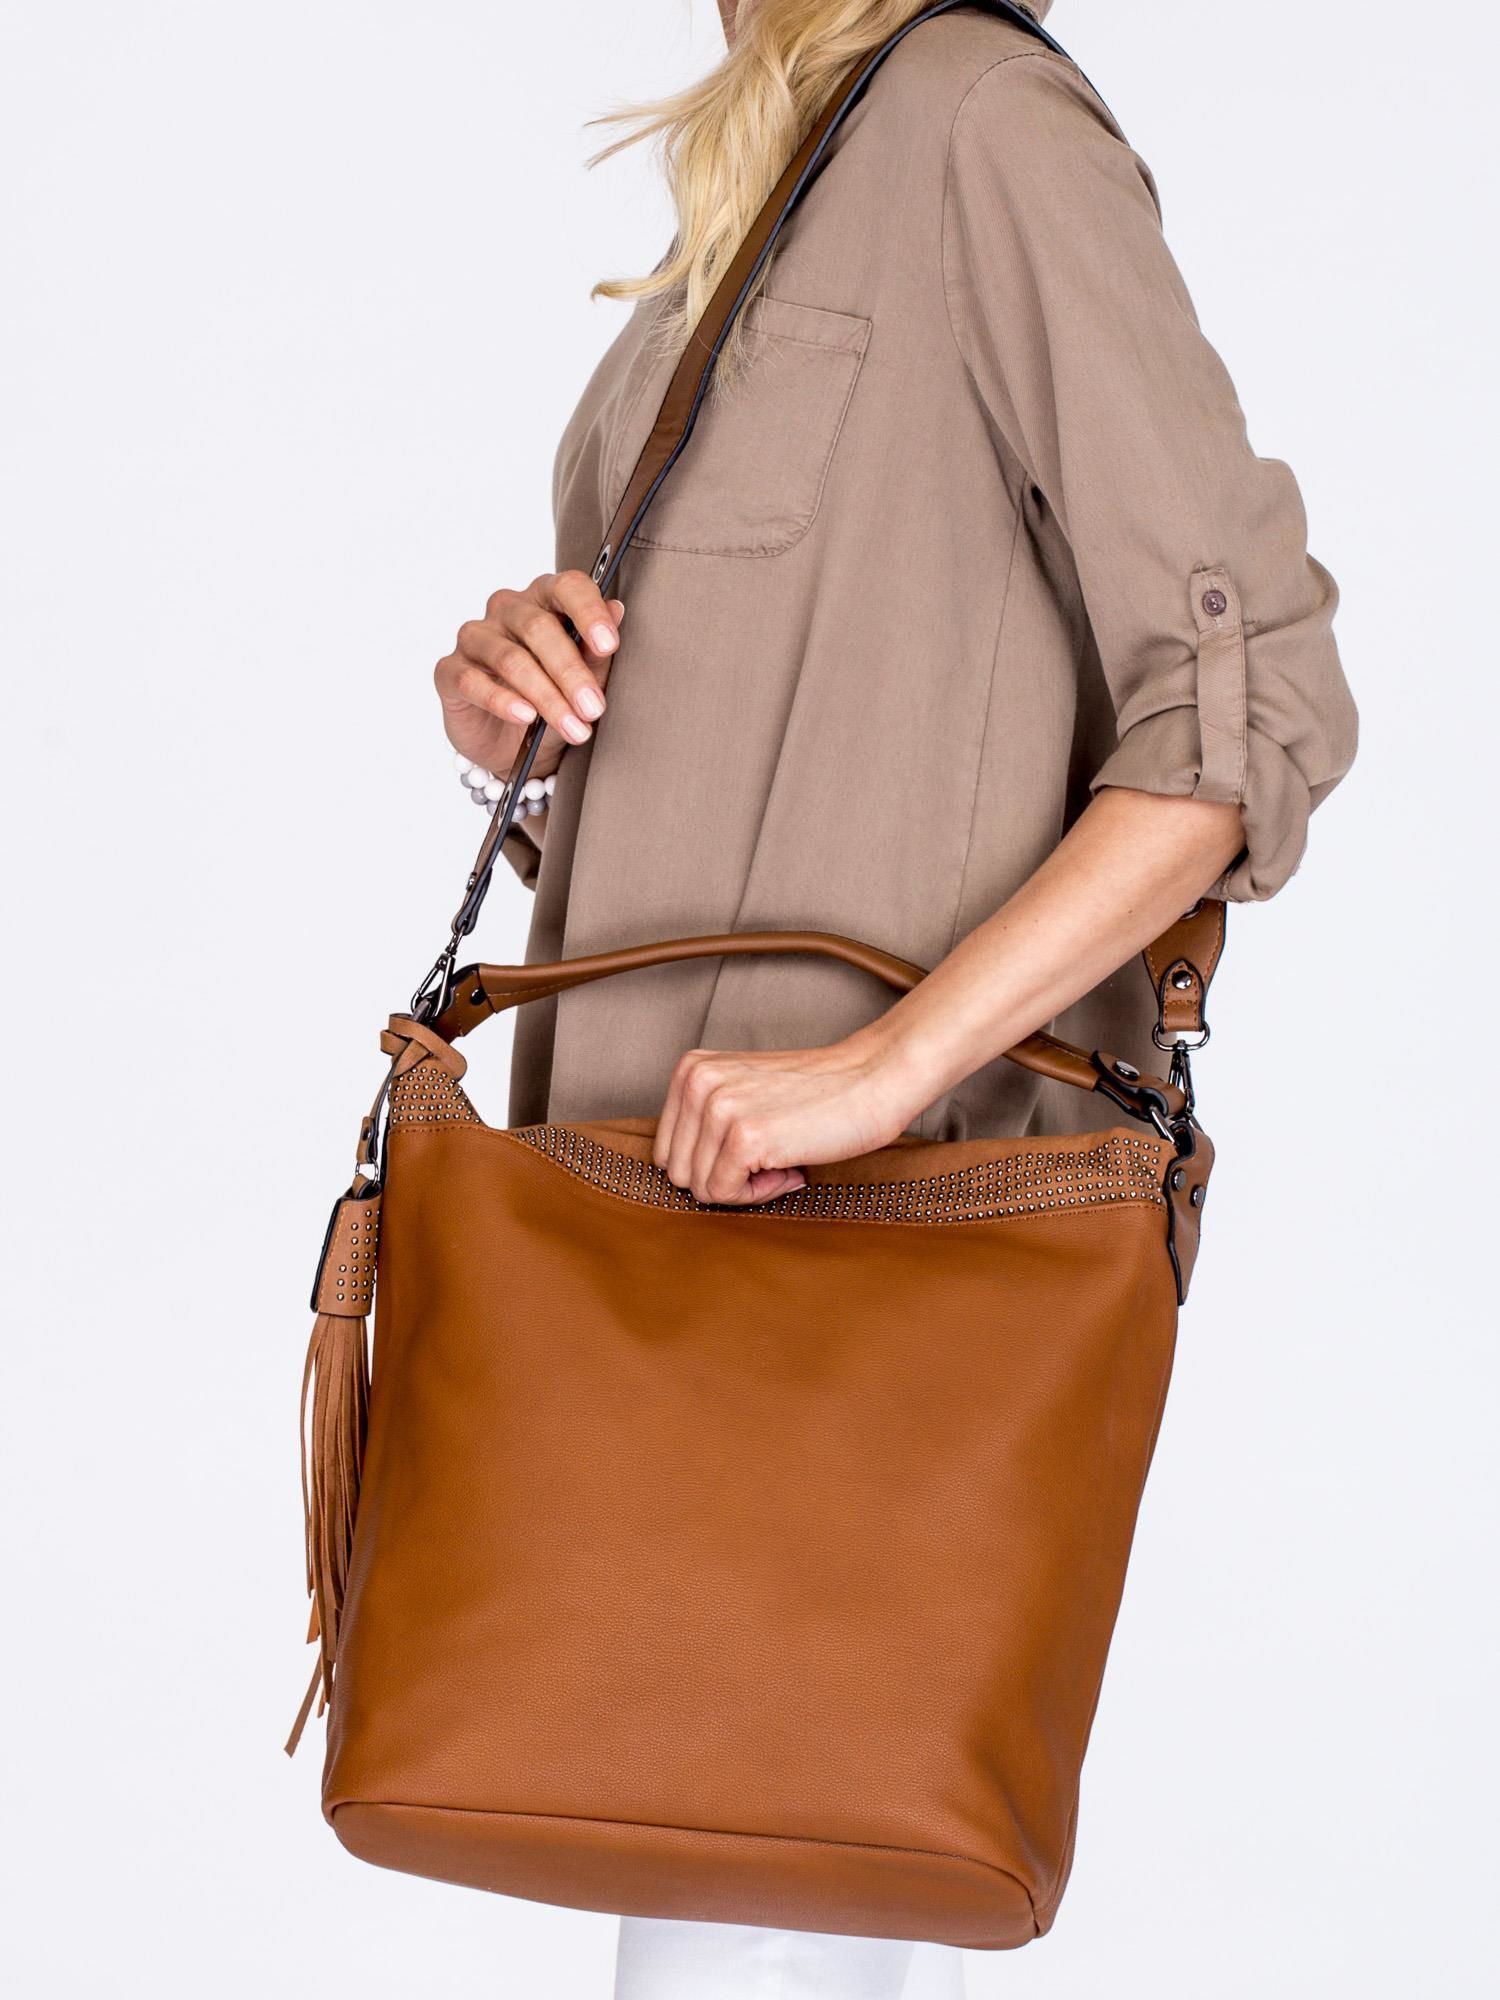 c4de2b255d098 Duża brązowa torba z ozdobnym paskiem - Akcesoria torba - sklep ...